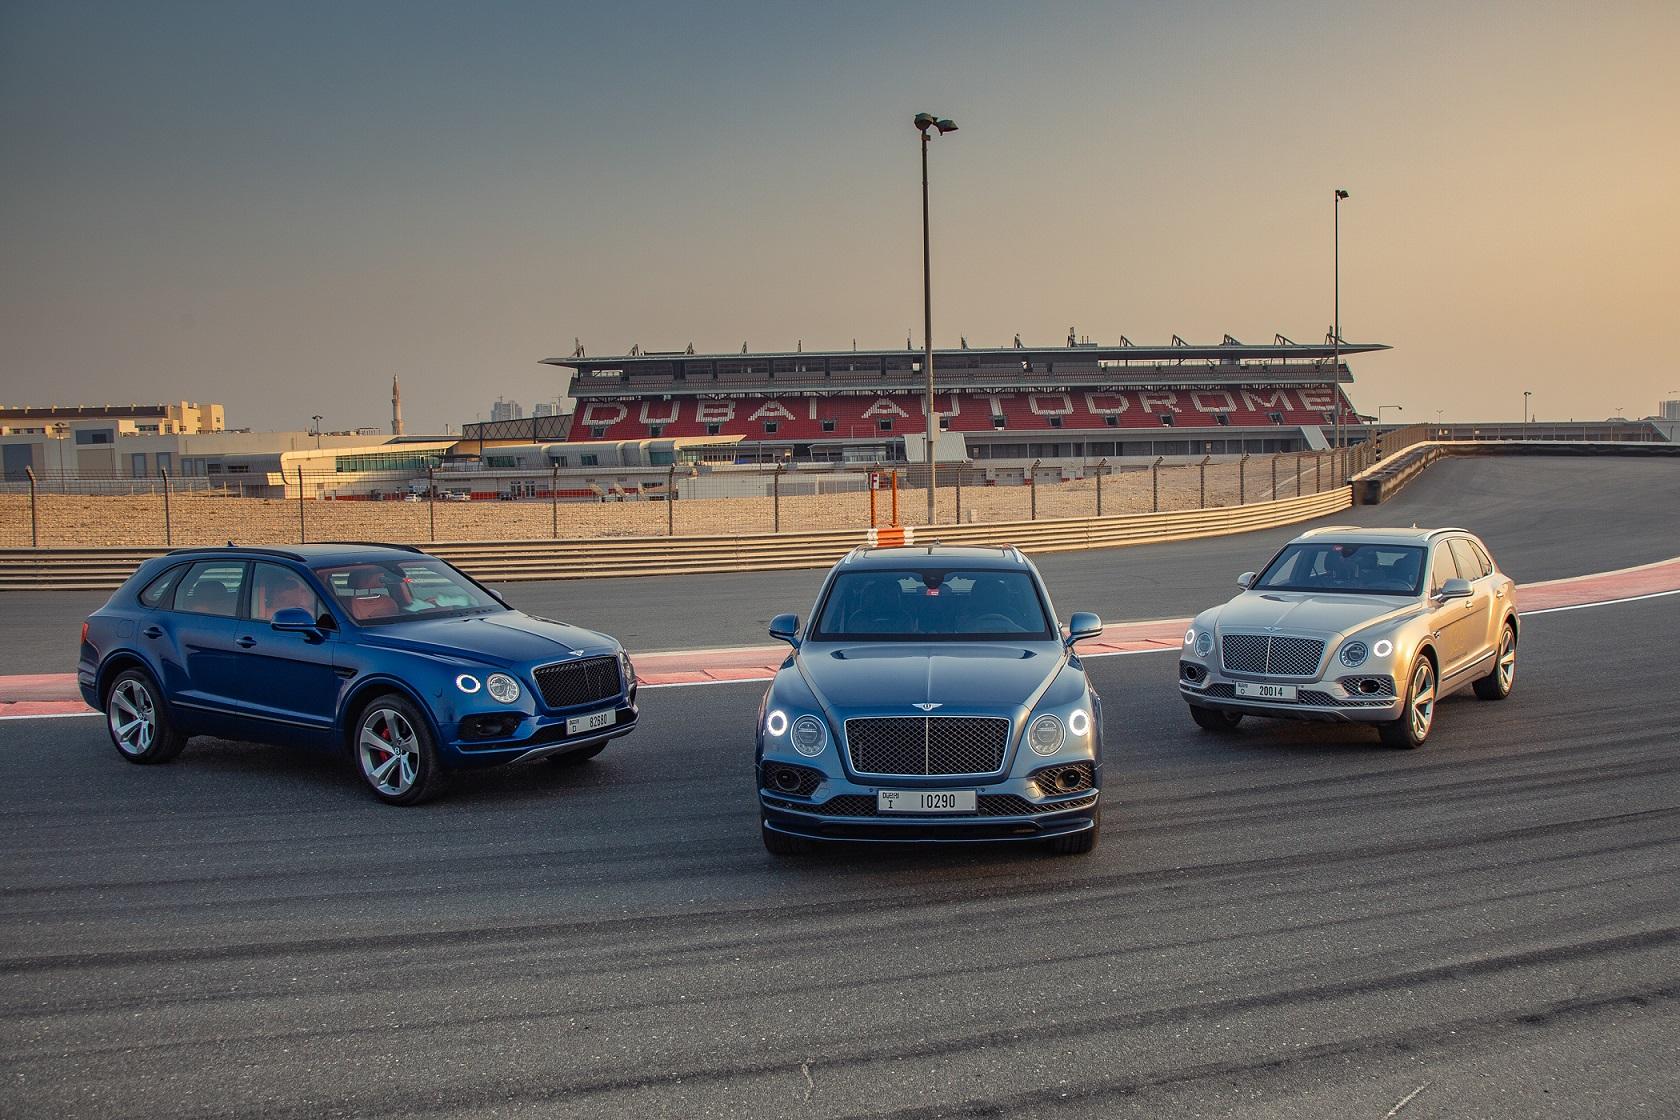 BENTLEY تحتفل بنتائج مبيعات قياسية لطراز BENTAYGA في الشرق الأوسط تزامناً مع الإطلاق الإقليمي لأسرع مركبة SUV في العالم